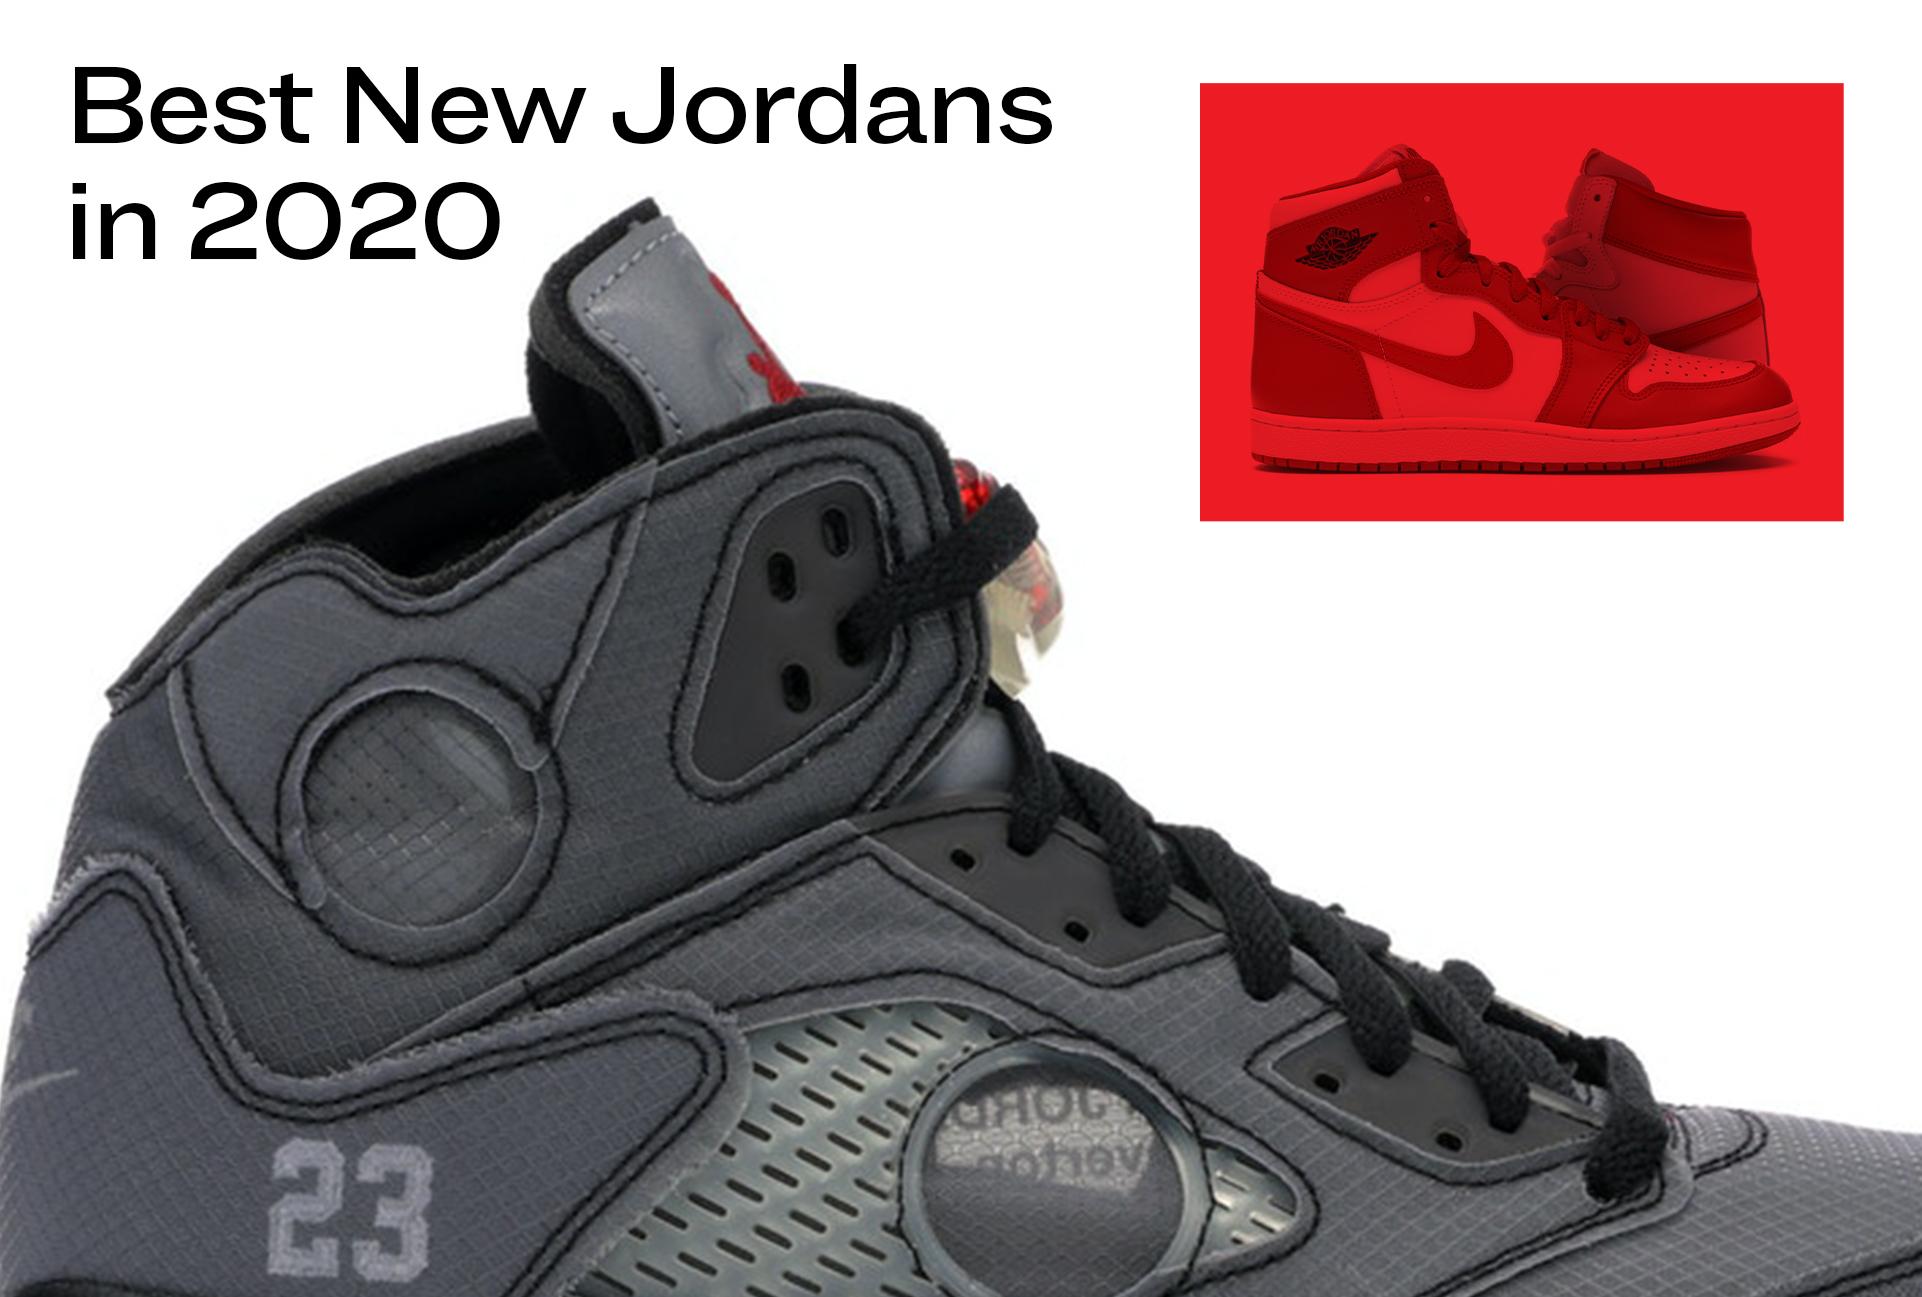 The Best New Jordan Releases in 2020